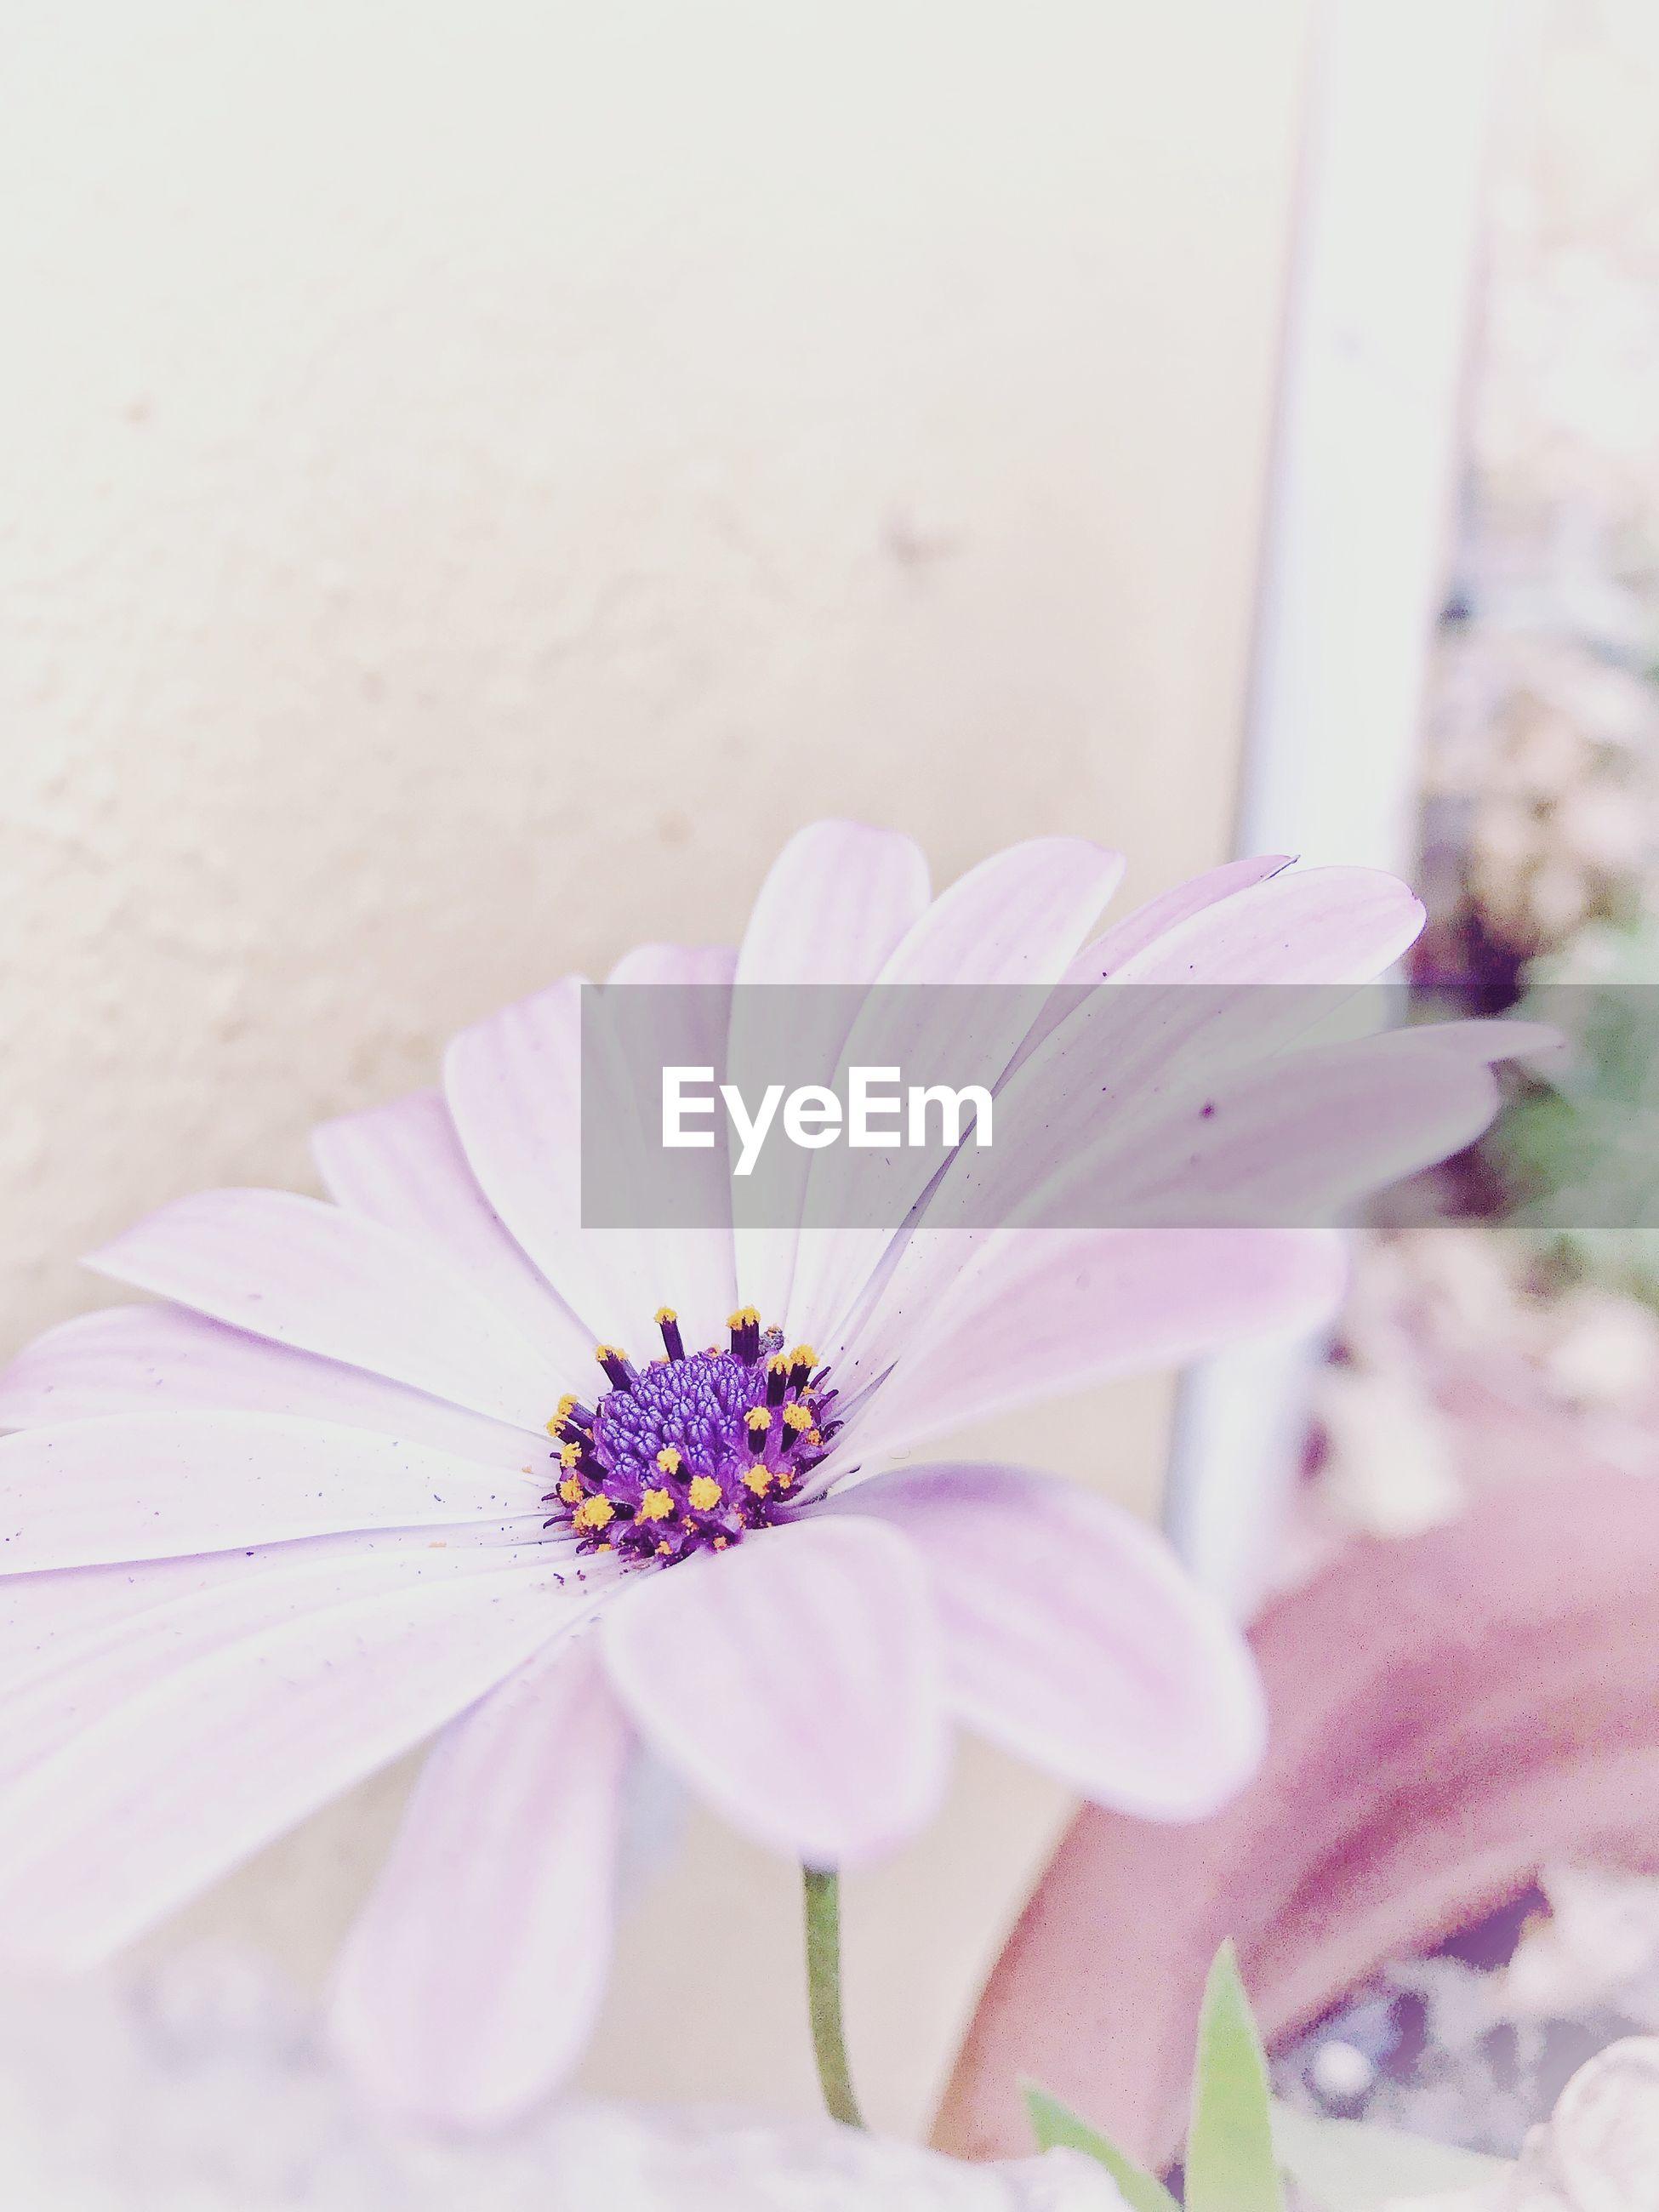 CLOSE-UP OF FLOWER POLLEN